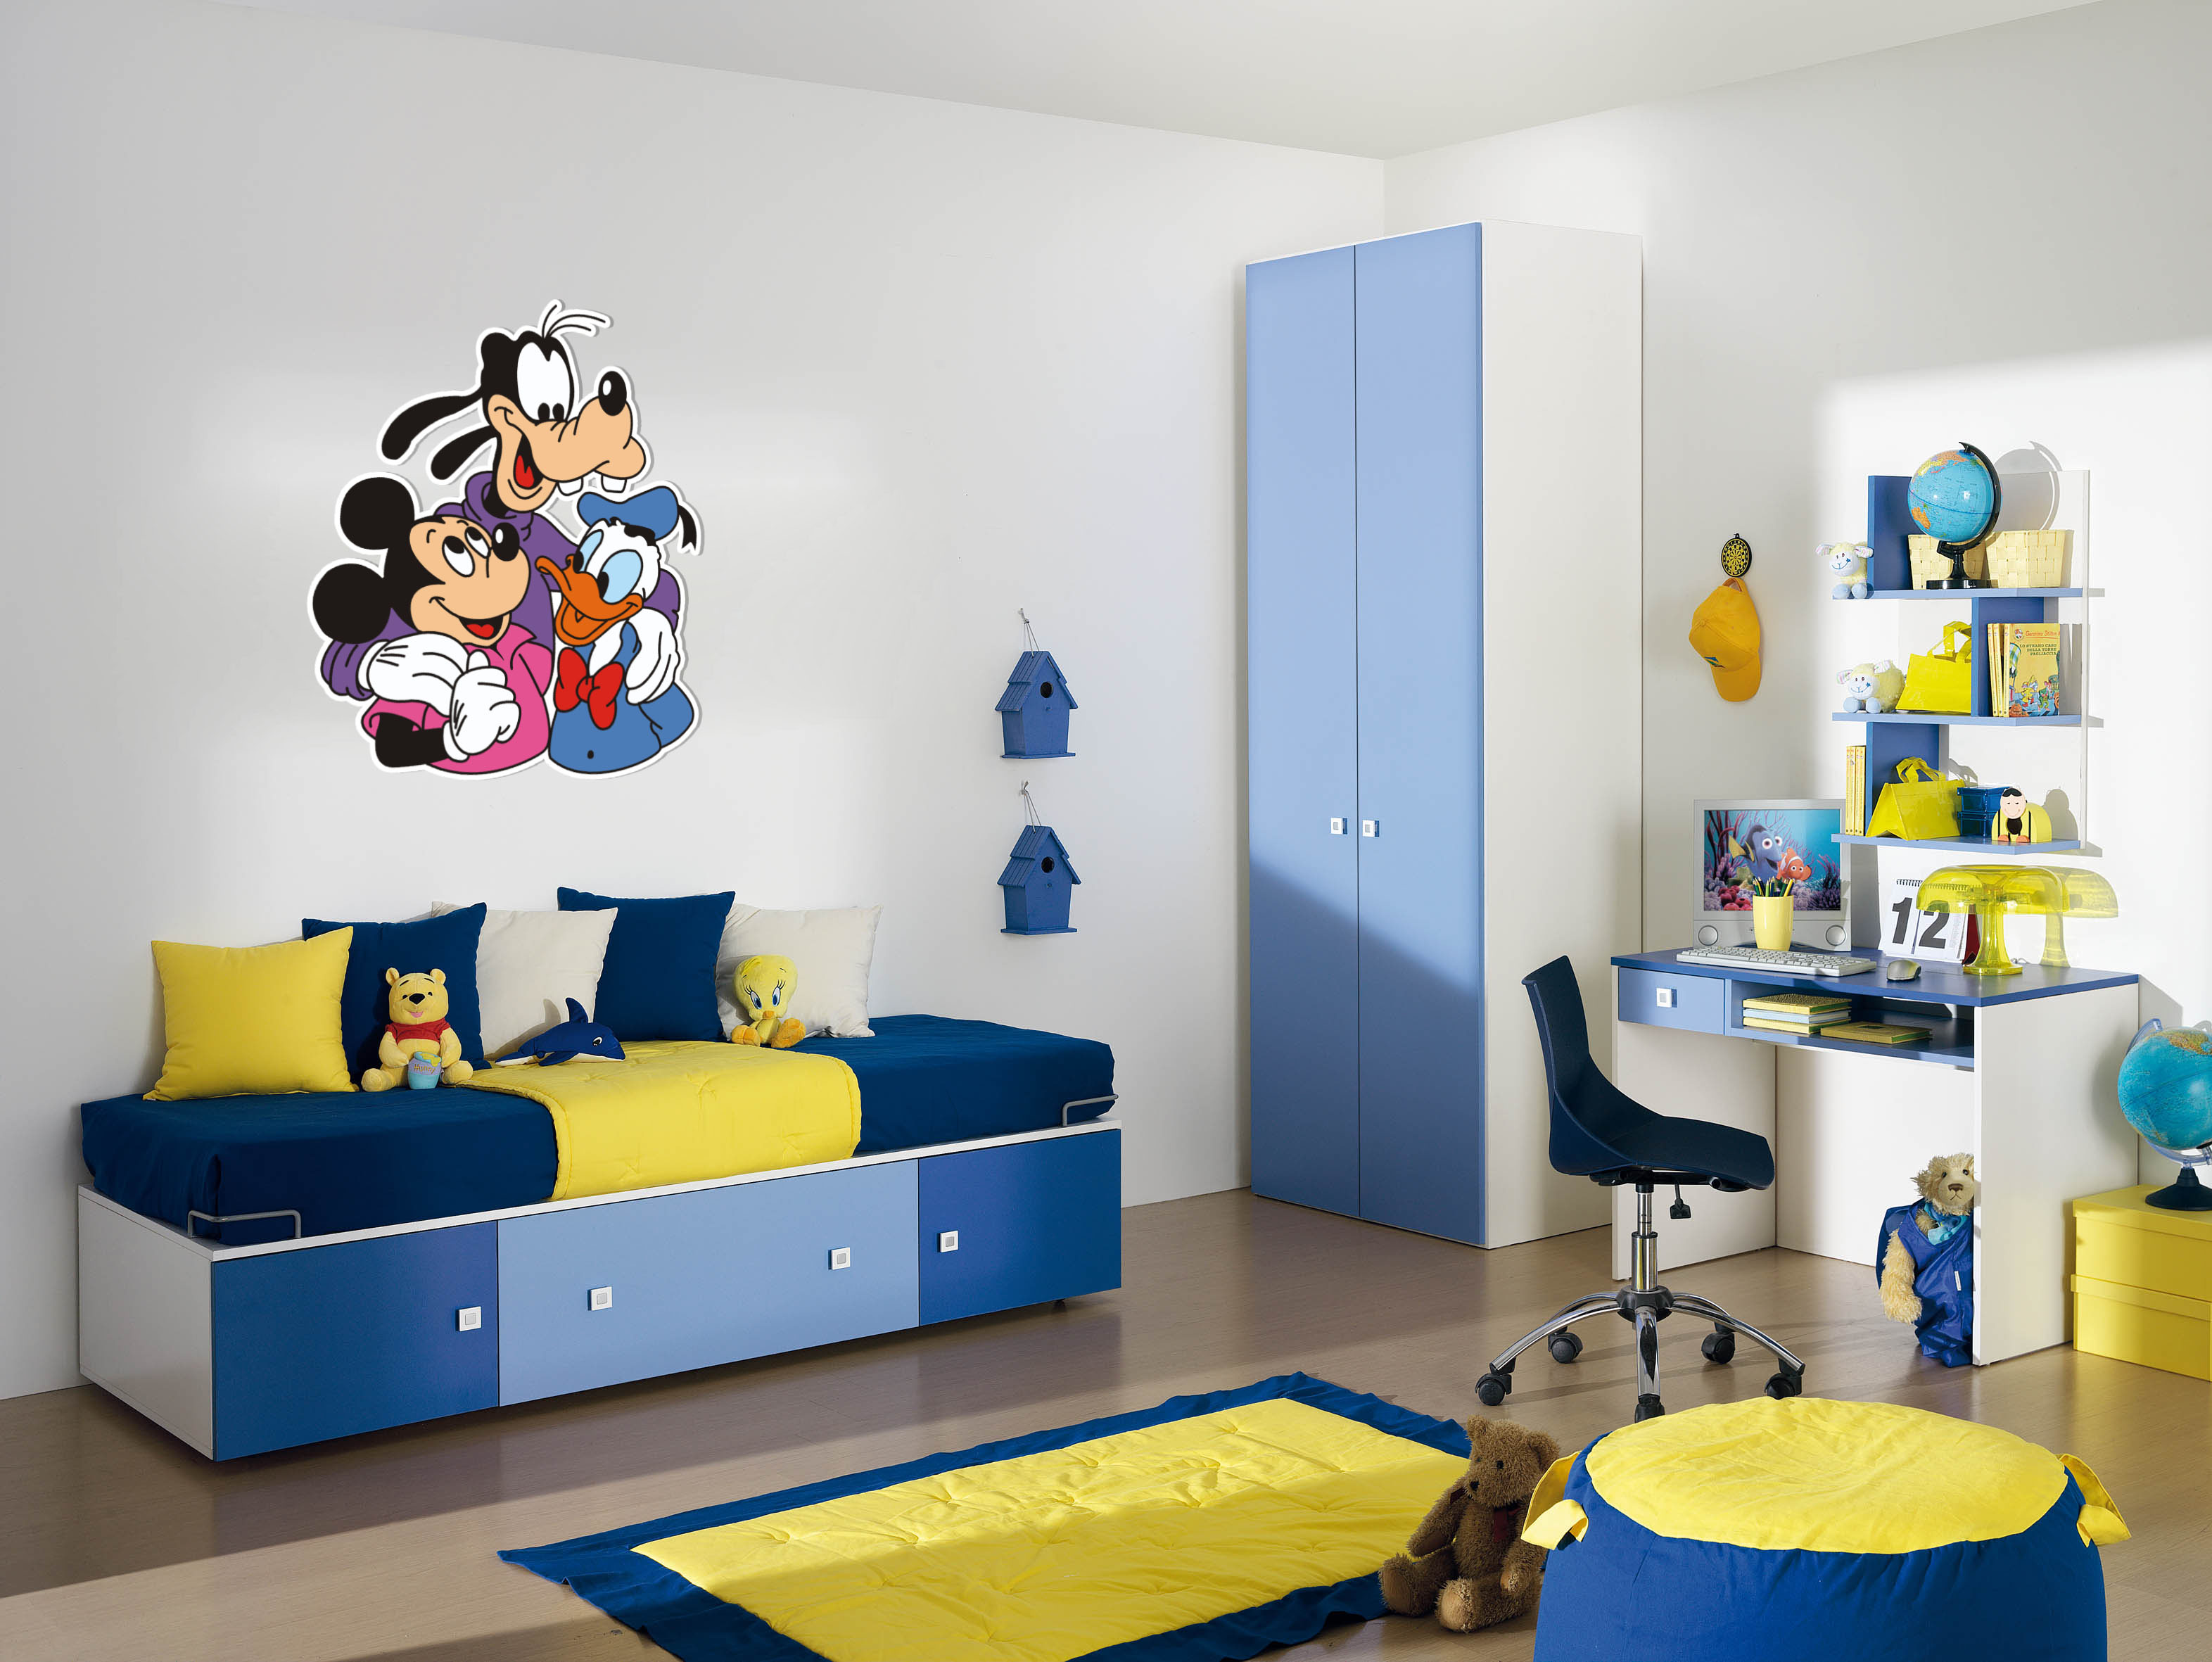 Abat jour sospese - Decorazioni murali per camere da letto ...